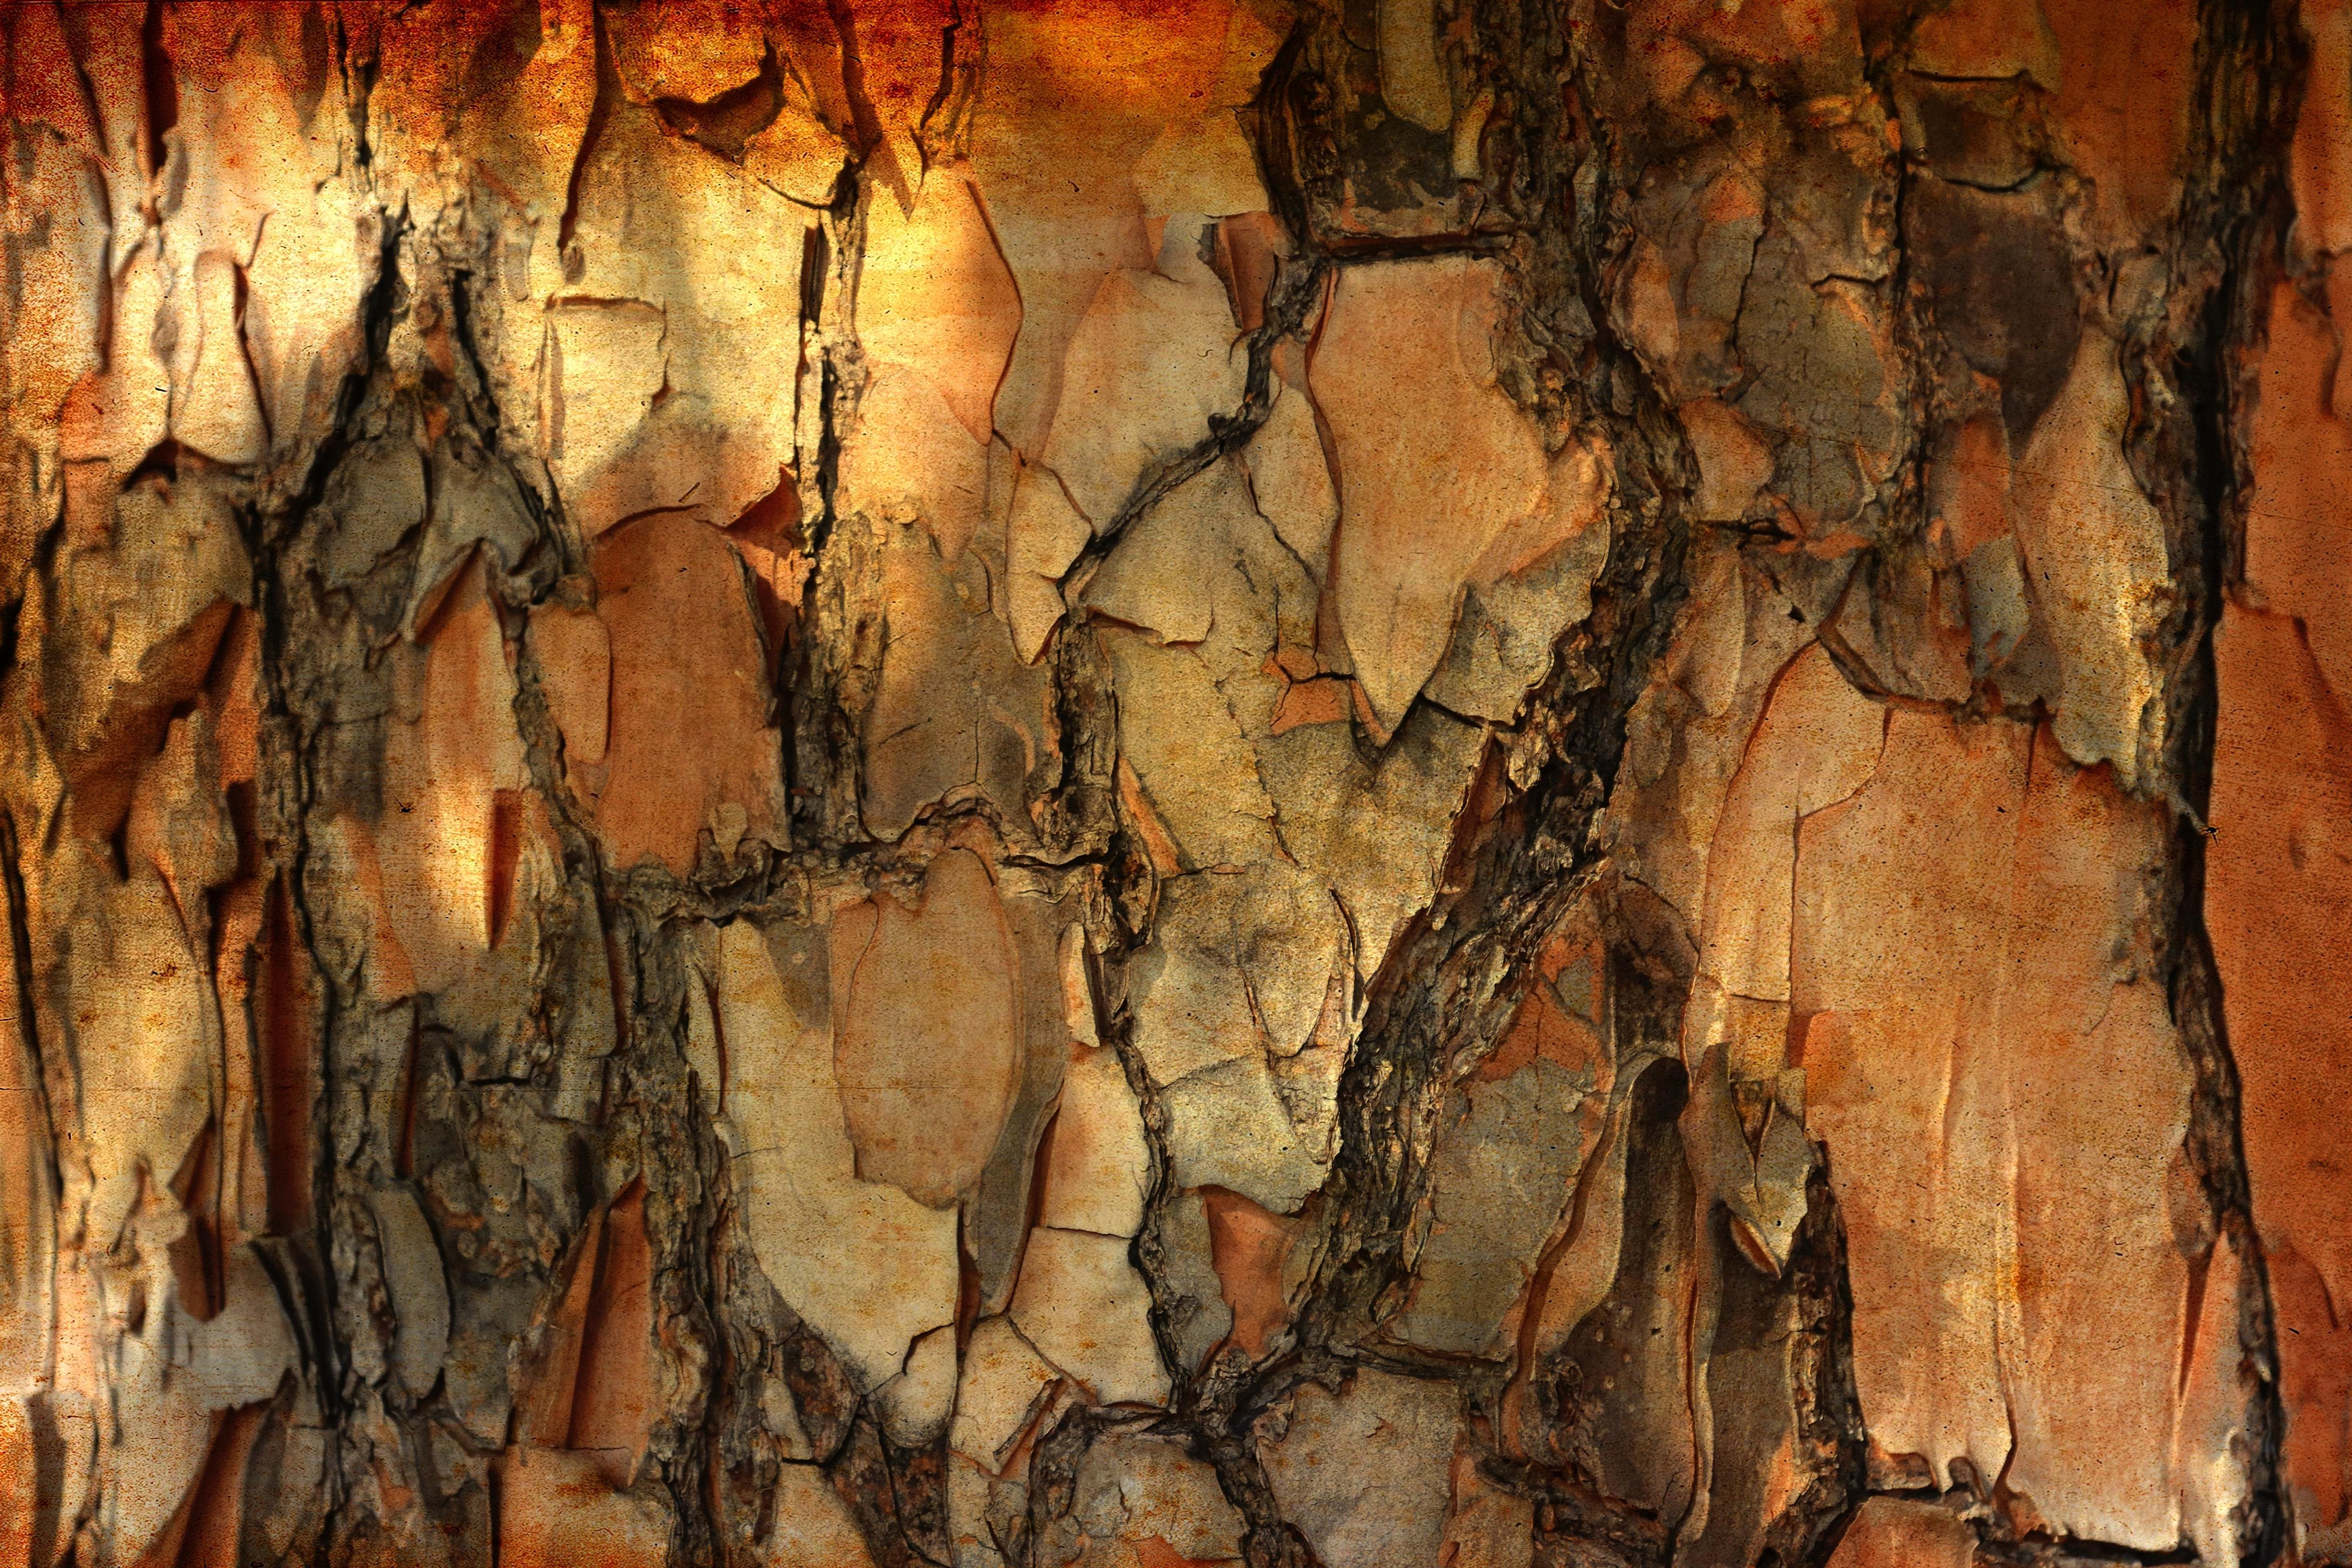 58972 Protetores de tela e papéis de parede Texturas em seu telefone. Baixe Texturas, Pinho, Macro, Madeira, Árvore, Textura, Pinheiro, Latido, Casca fotos gratuitamente